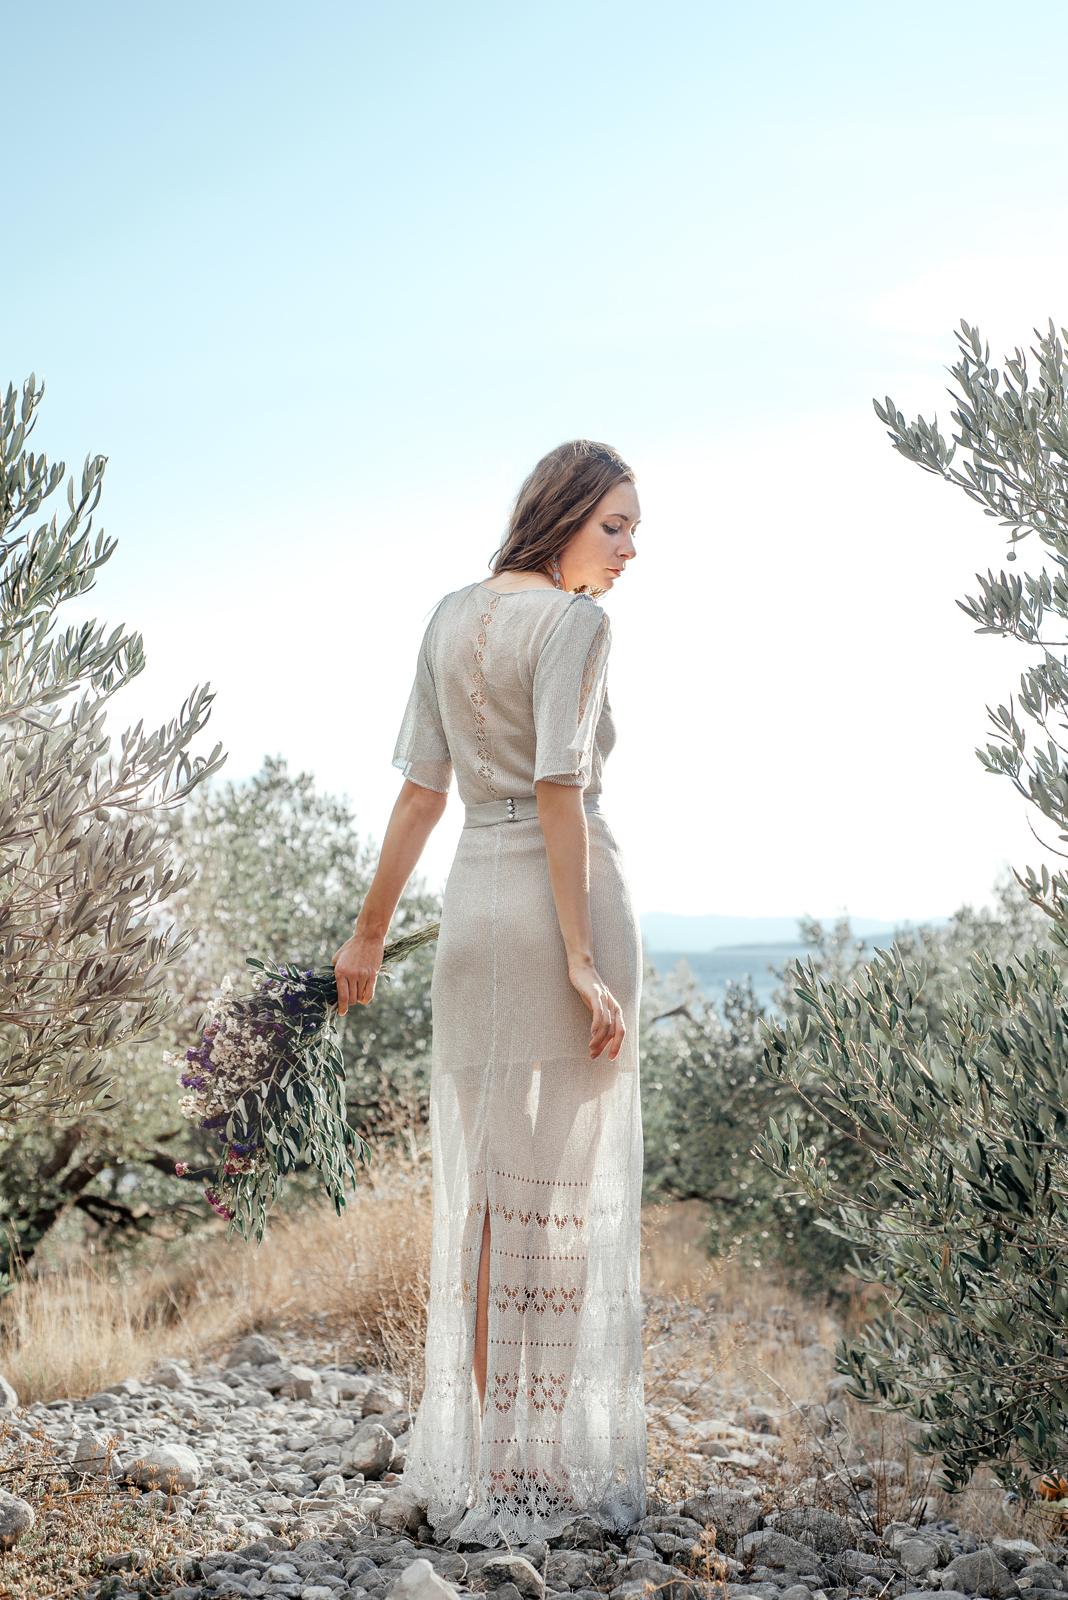 katerina kulida дизайнер свадебных платьев купить платье в интернете